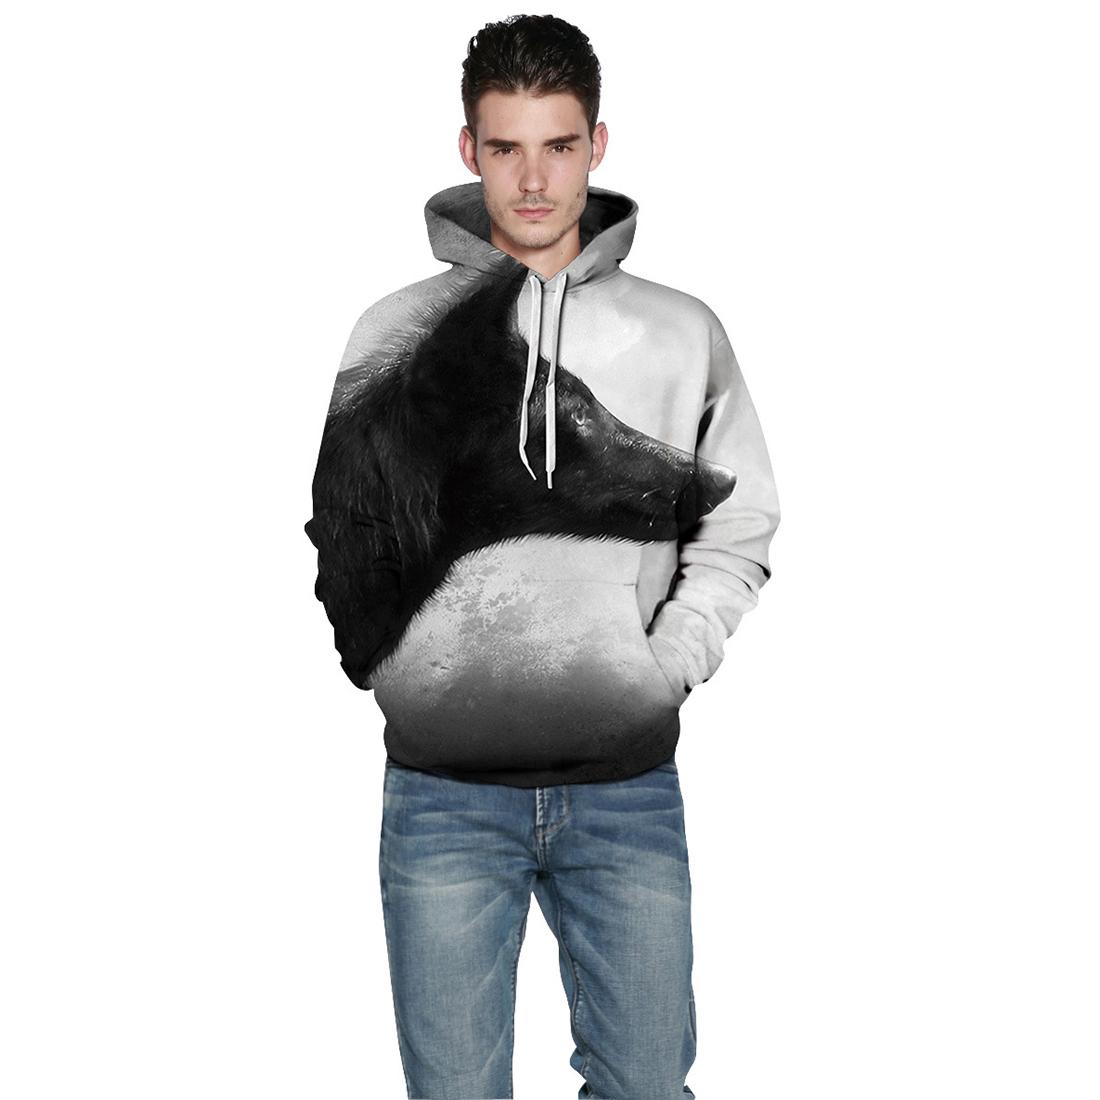 Повседневный свитшот с капюшоном и 3D рисунком волка унисекс (светло серый, XXL-XXXL / US-14-16 / UK-18-20)